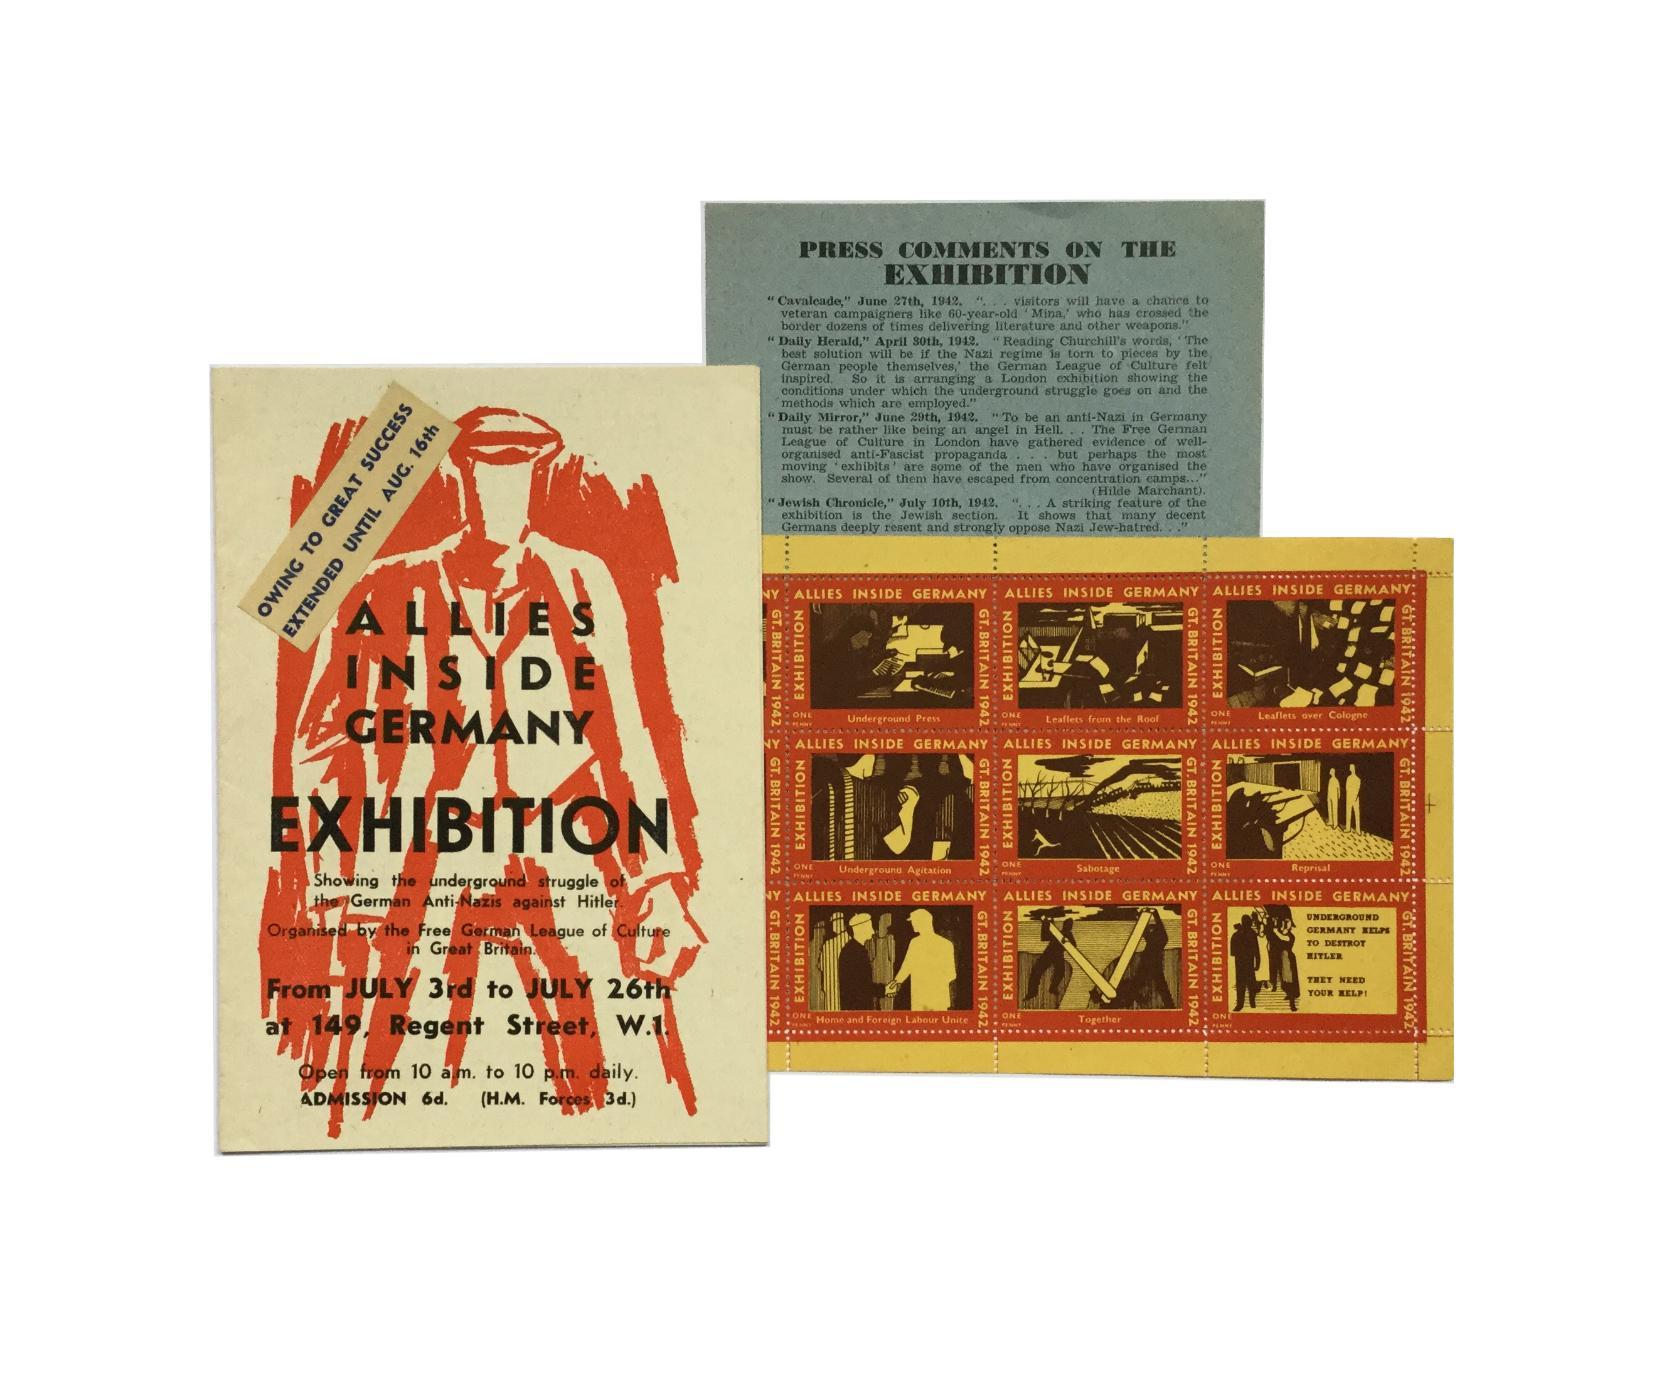 Allies inside Germany. Exhibition. Veranstaltungsprogramm mit Begleitheft zur Ausstellung und ein Bogen Cinderella Briefmarken.